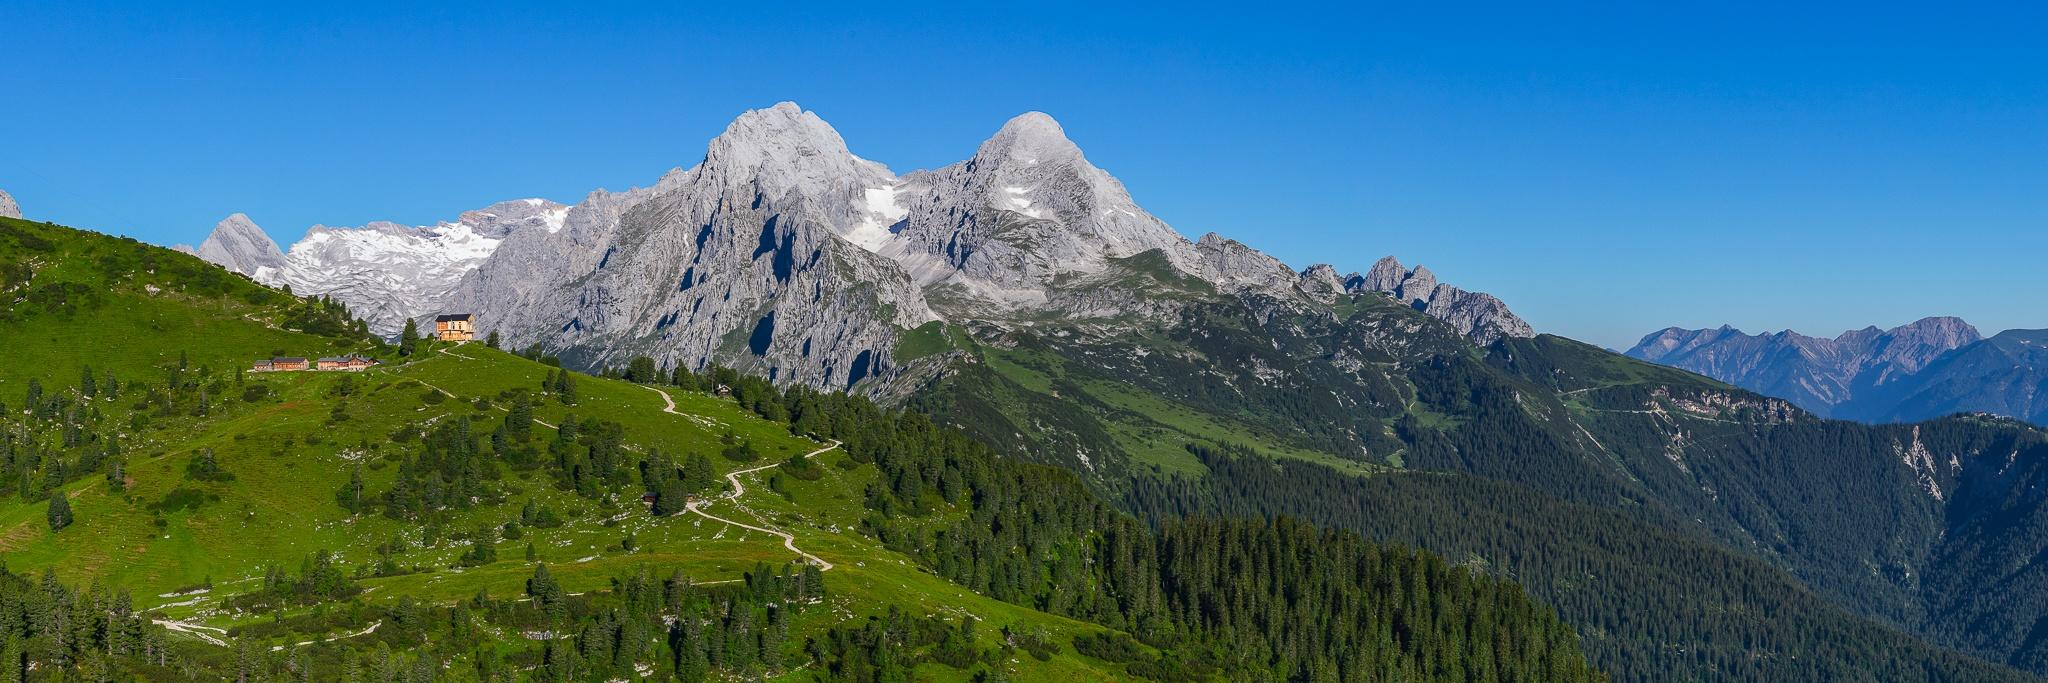 Garmisch-Partenkirchen. Berglandschaft am Schachen mit dem Jagdschloss von König Ludwig II und der grandiose Blick auf die umliegenden Berge. Links oben der Gletscher der Zugspitze